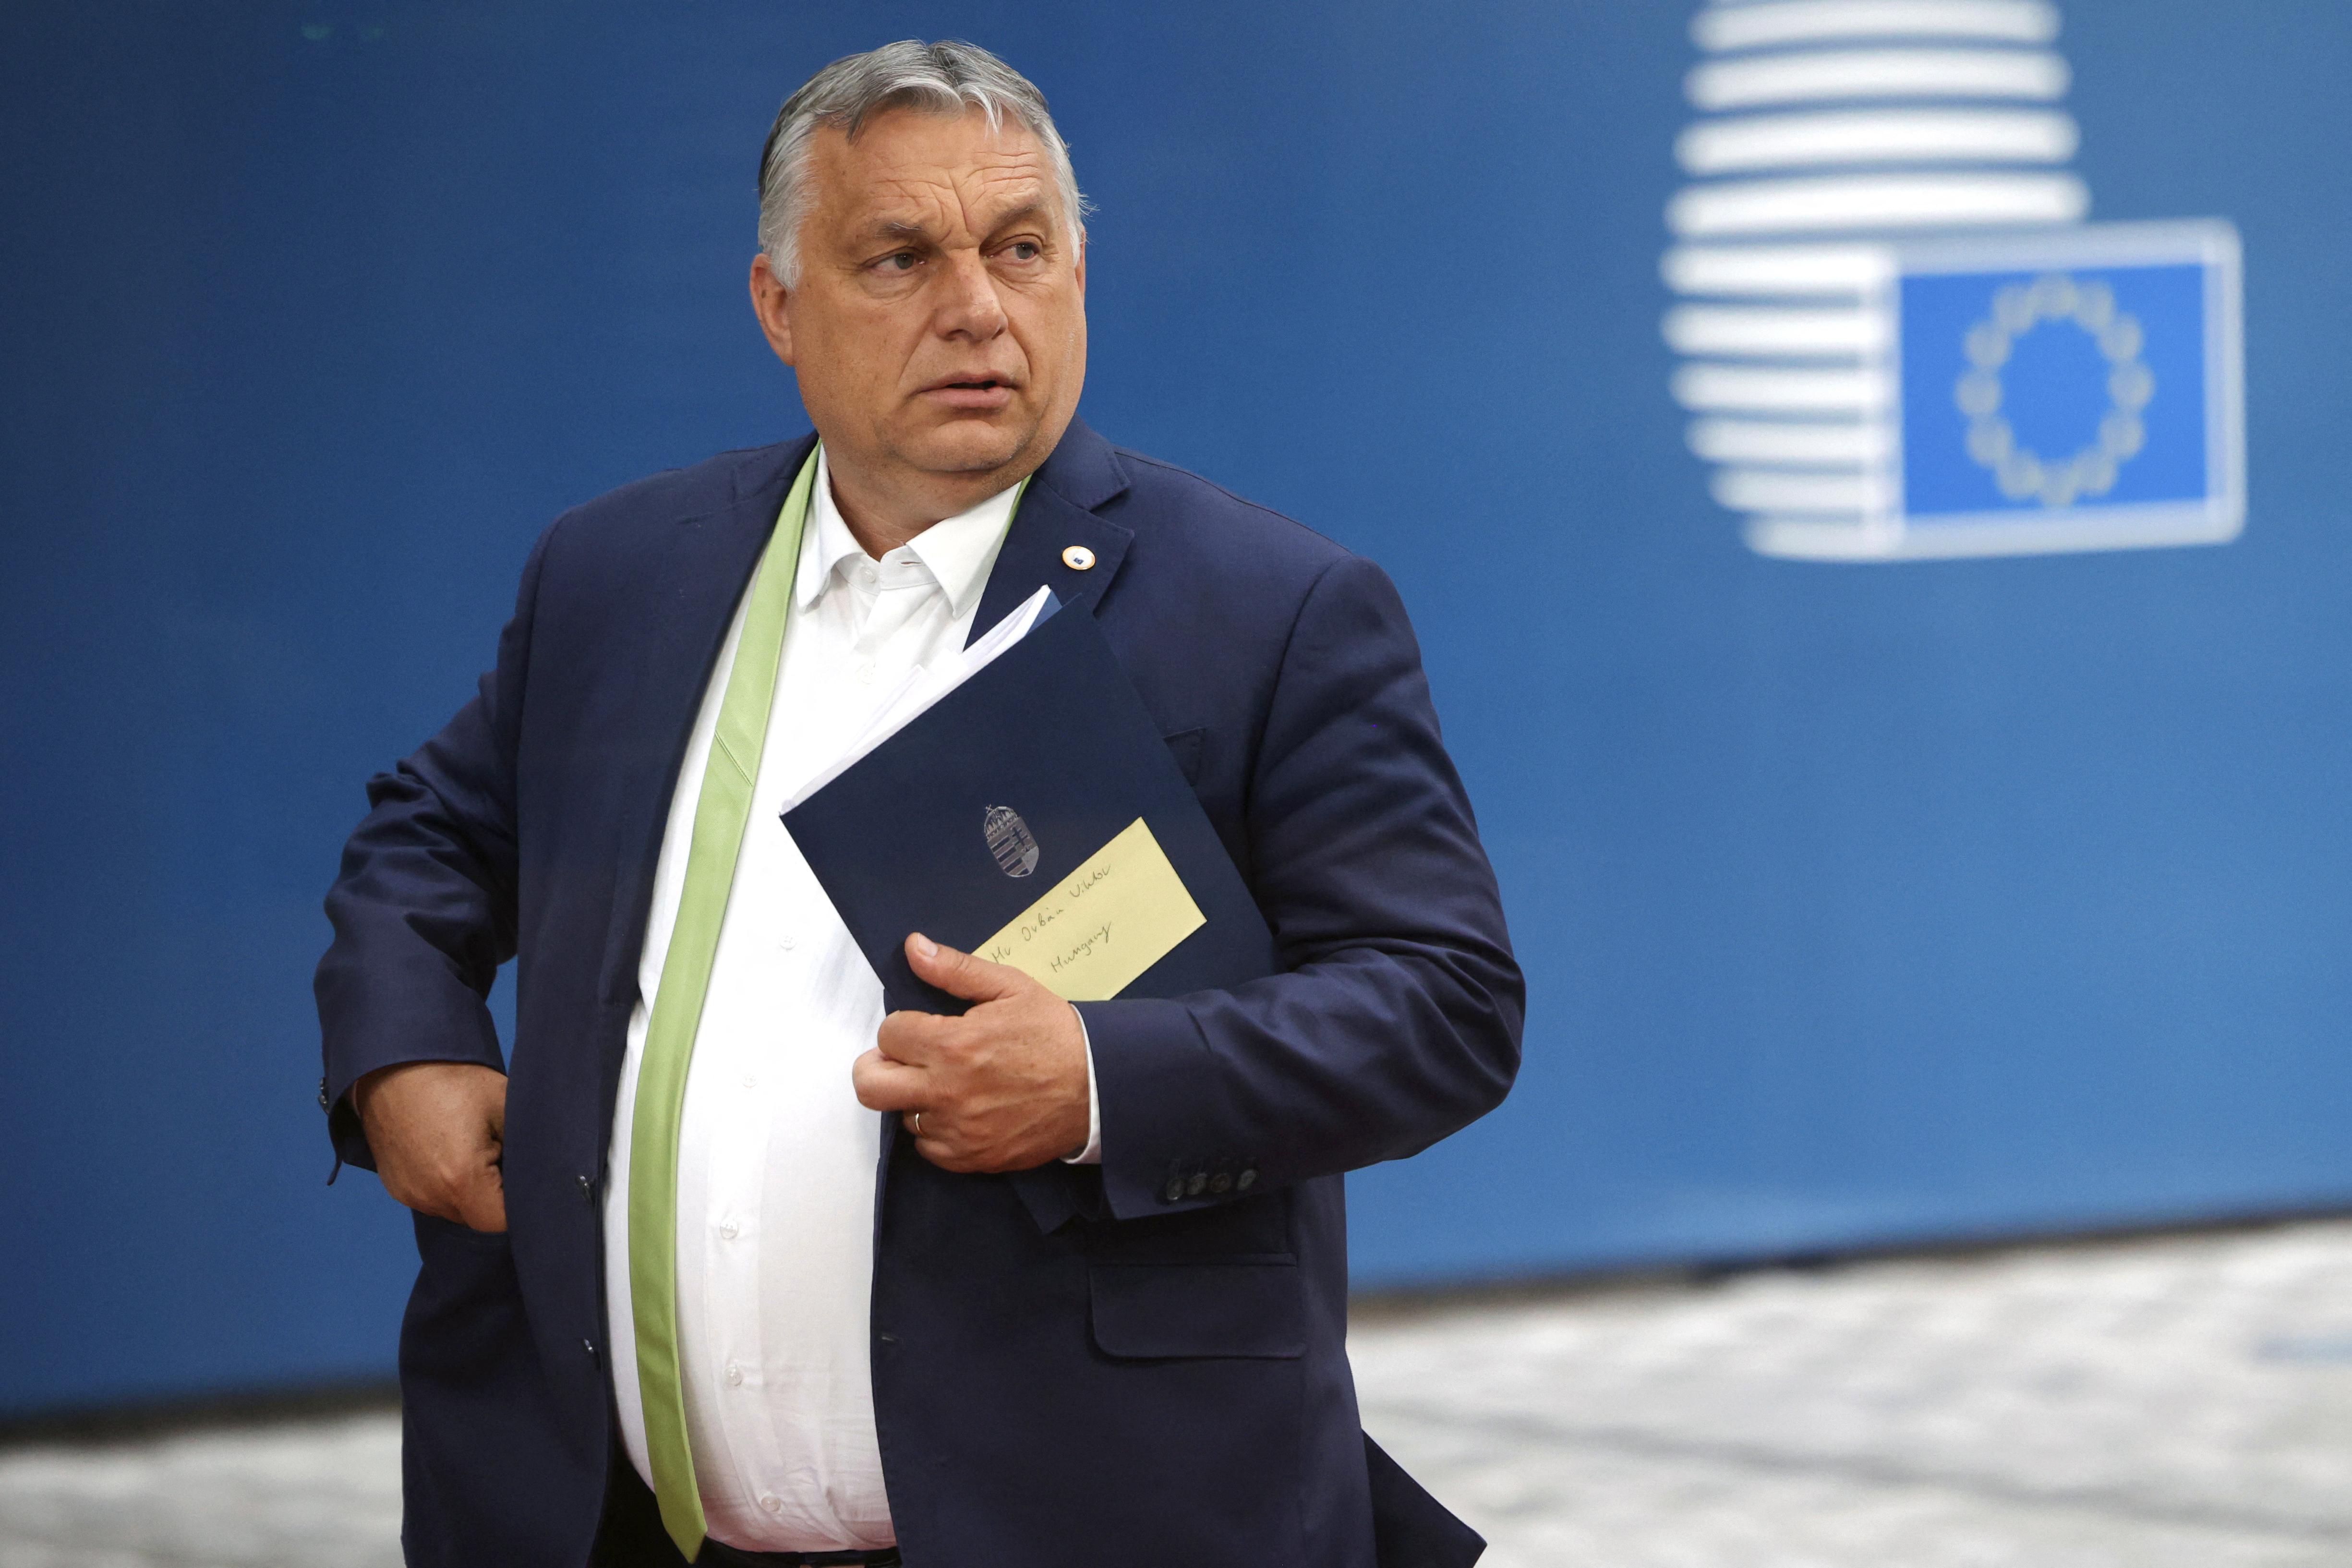 Az Európai Bizottság jelezte, hogy Orbán nem mondott igazat a homofób törvény vitájáról